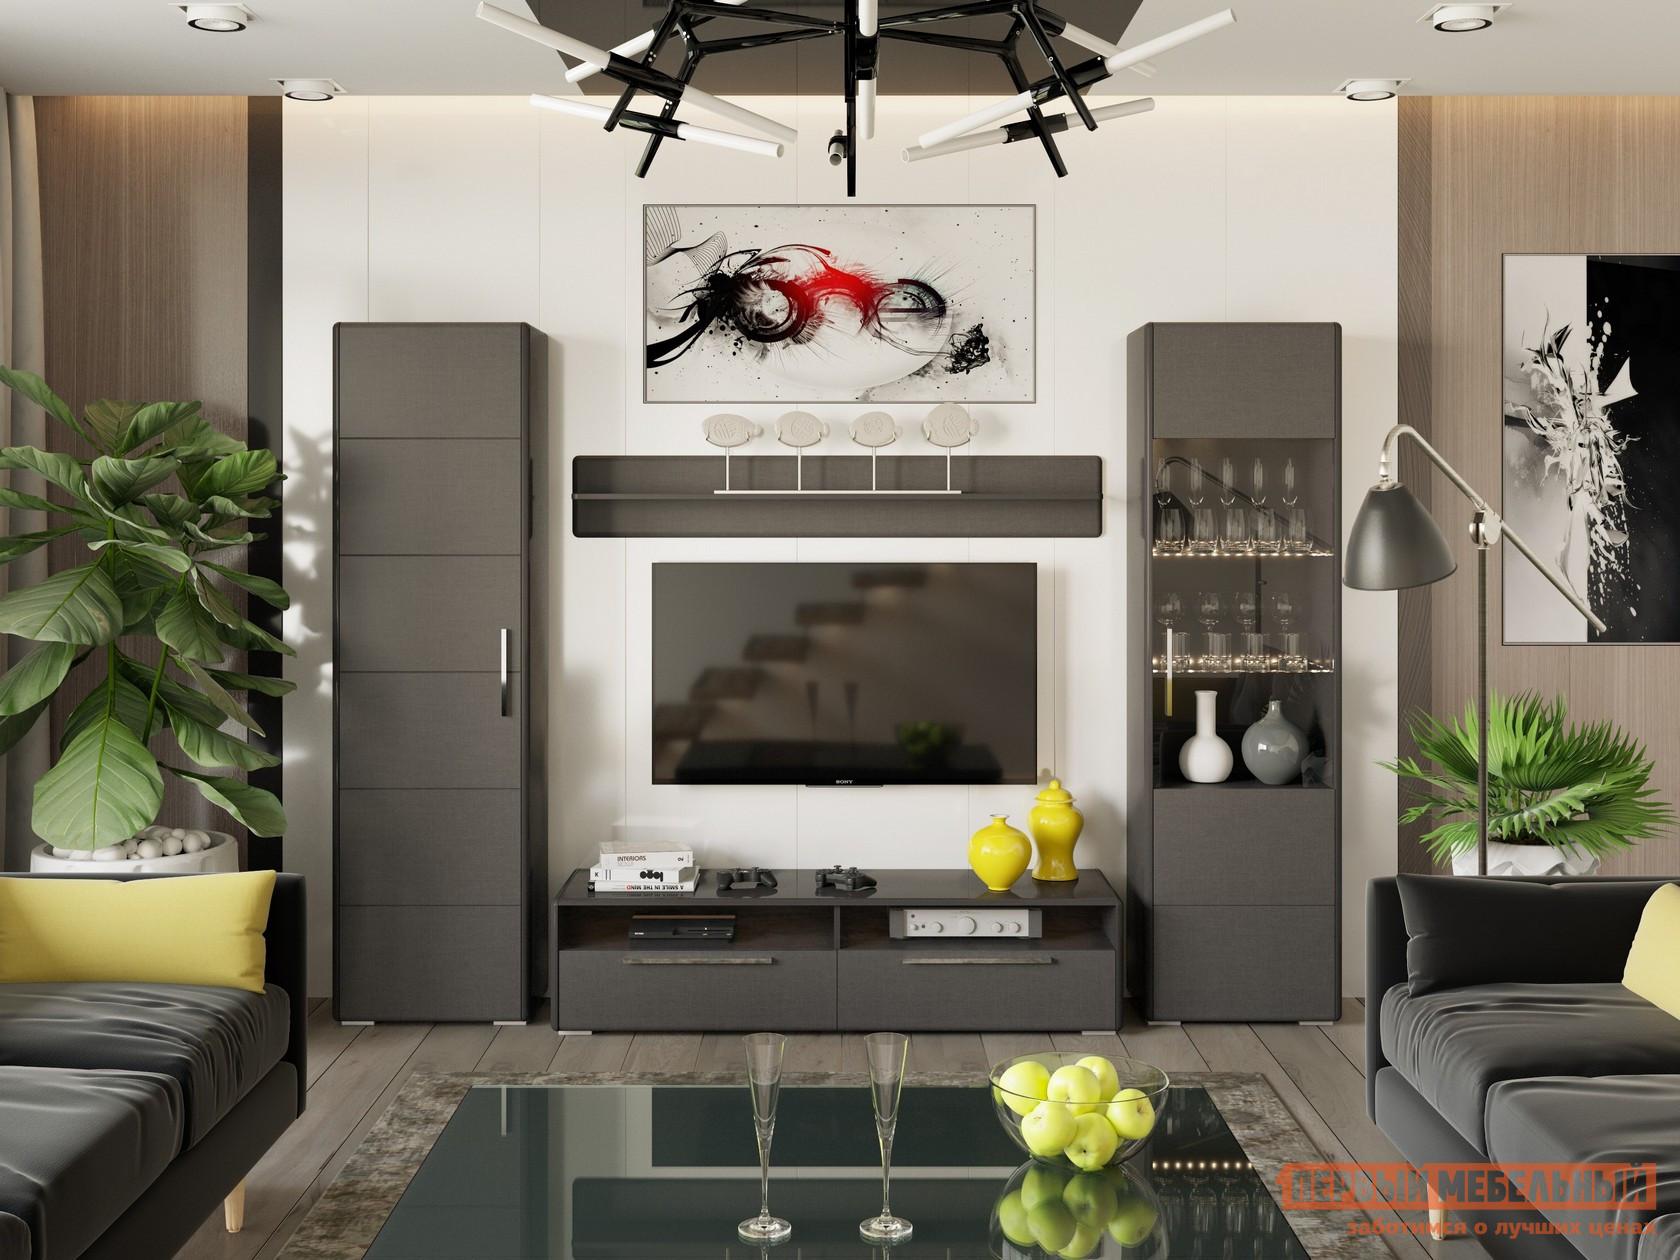 Стенка для гостиной ТриЯ ГН-208.107 стенка для гостиной трия ривьера гн 241 202 набор мебели для гостиной 2